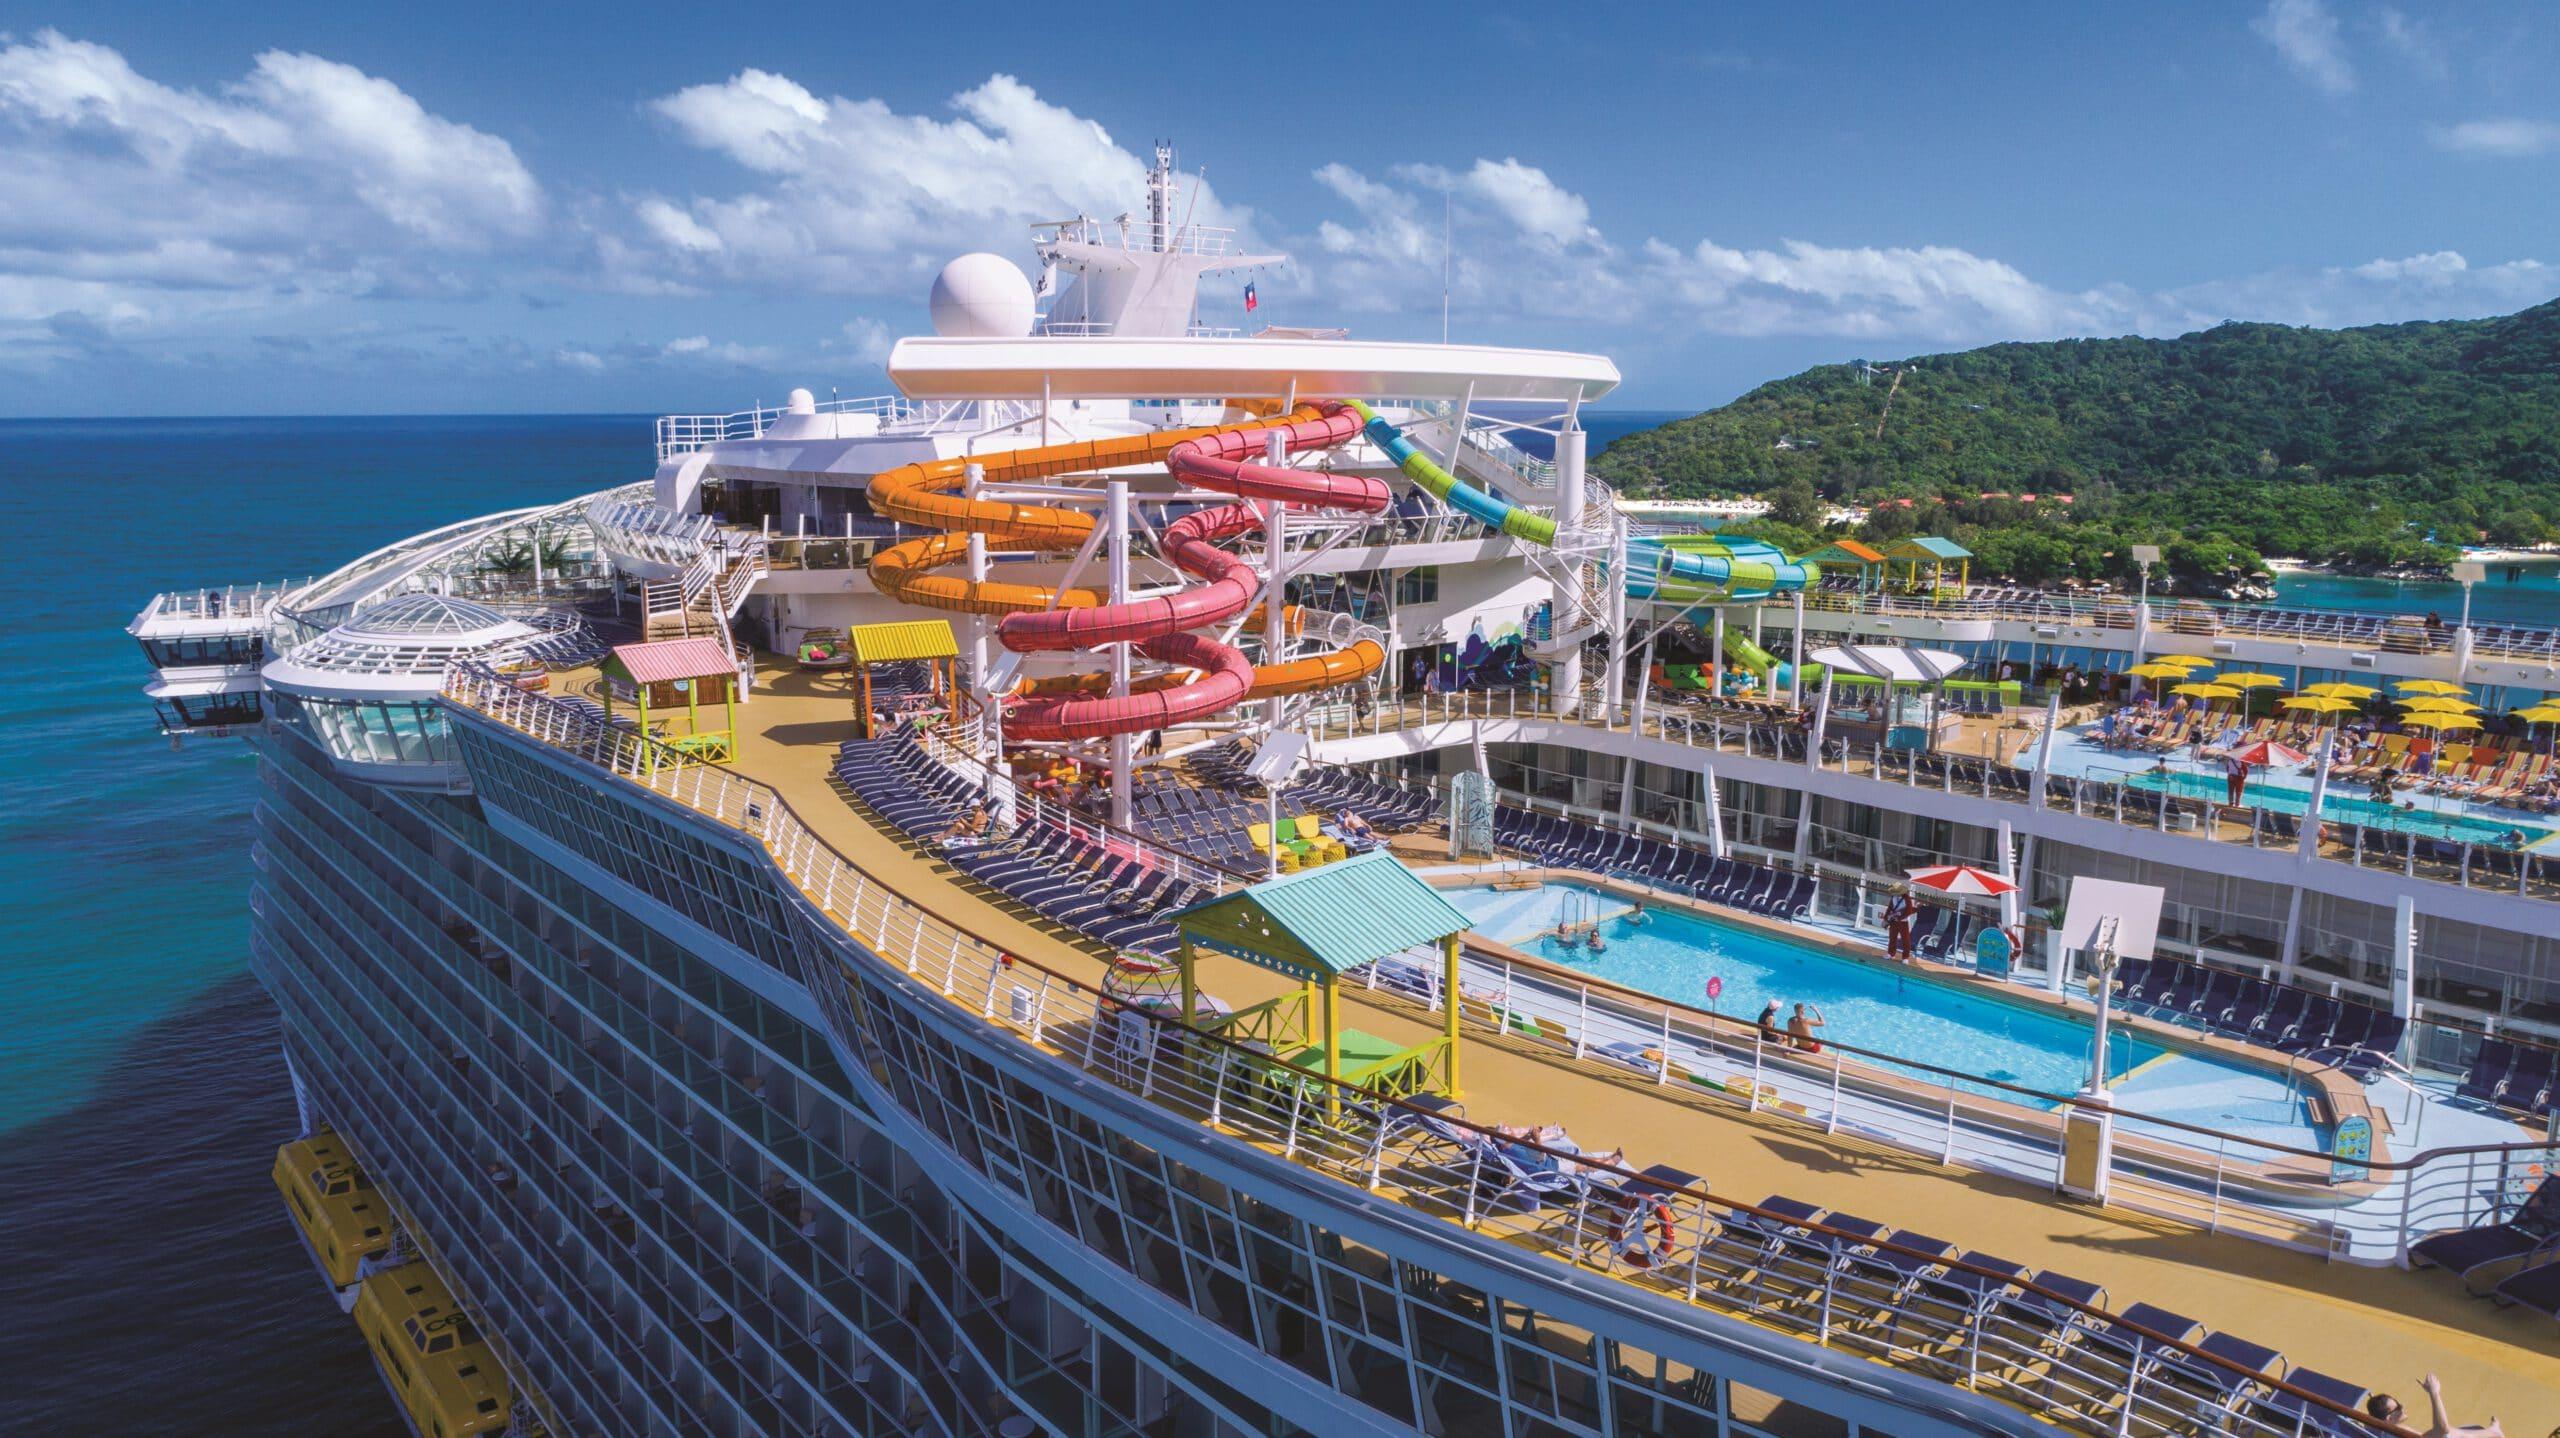 Cruiseschip-Oasis of the Seas-Royal Caribbean International-Schip